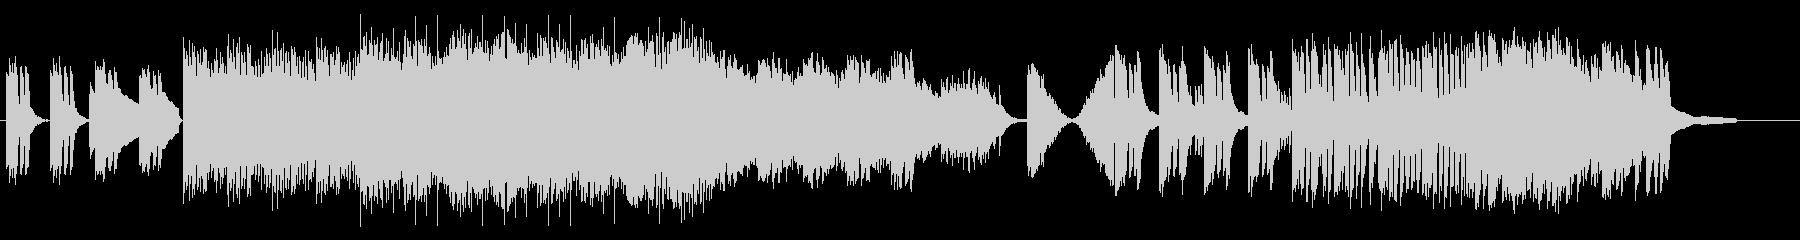 寒空と時計台 エモい・切ないピアノ曲の未再生の波形